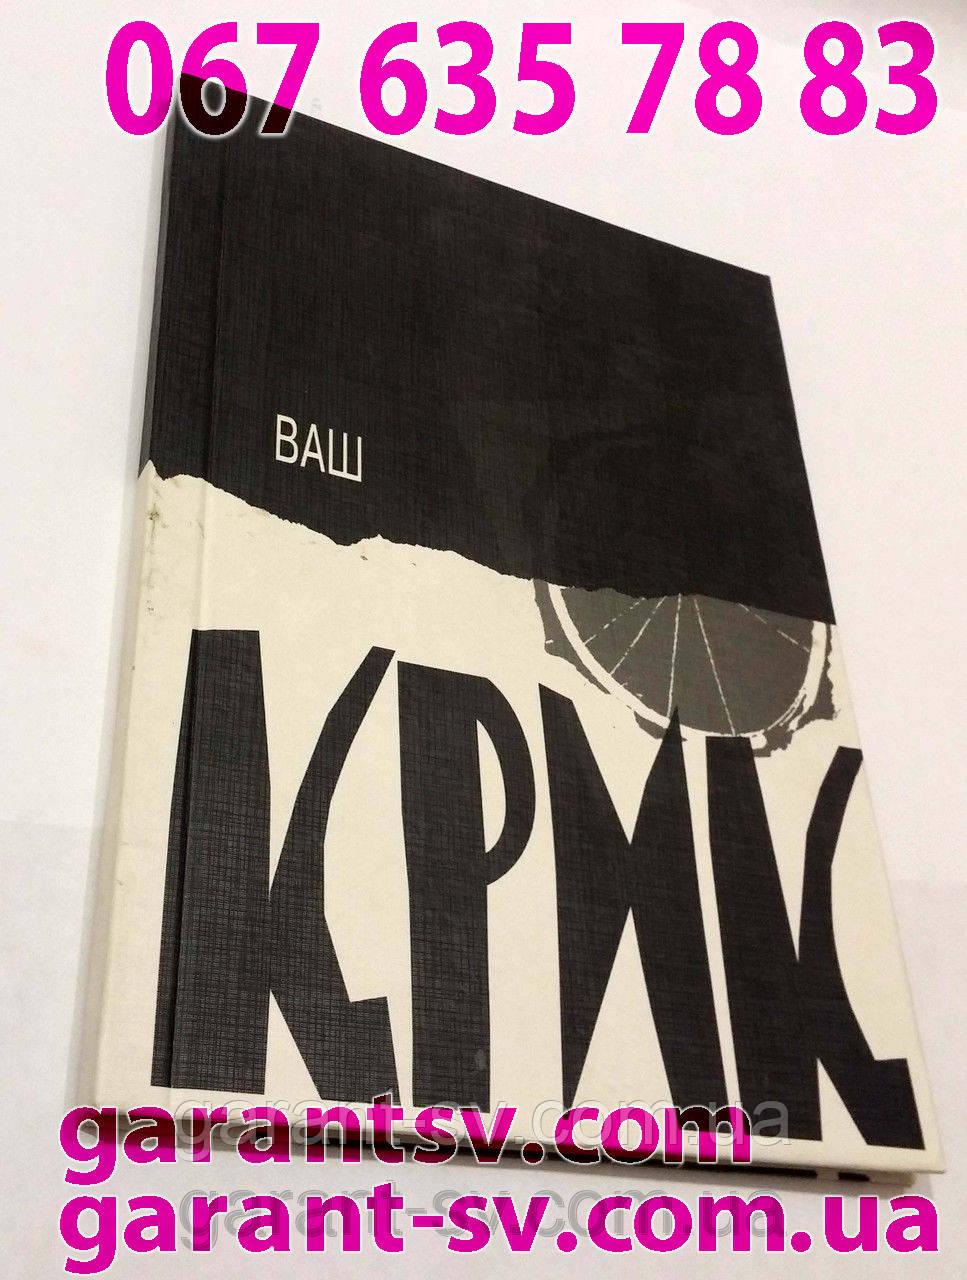 Изготовление книг: мягкий переплет, формат А5, 200 страниц,сшивка  биндер, тираж 200штук, фото 1